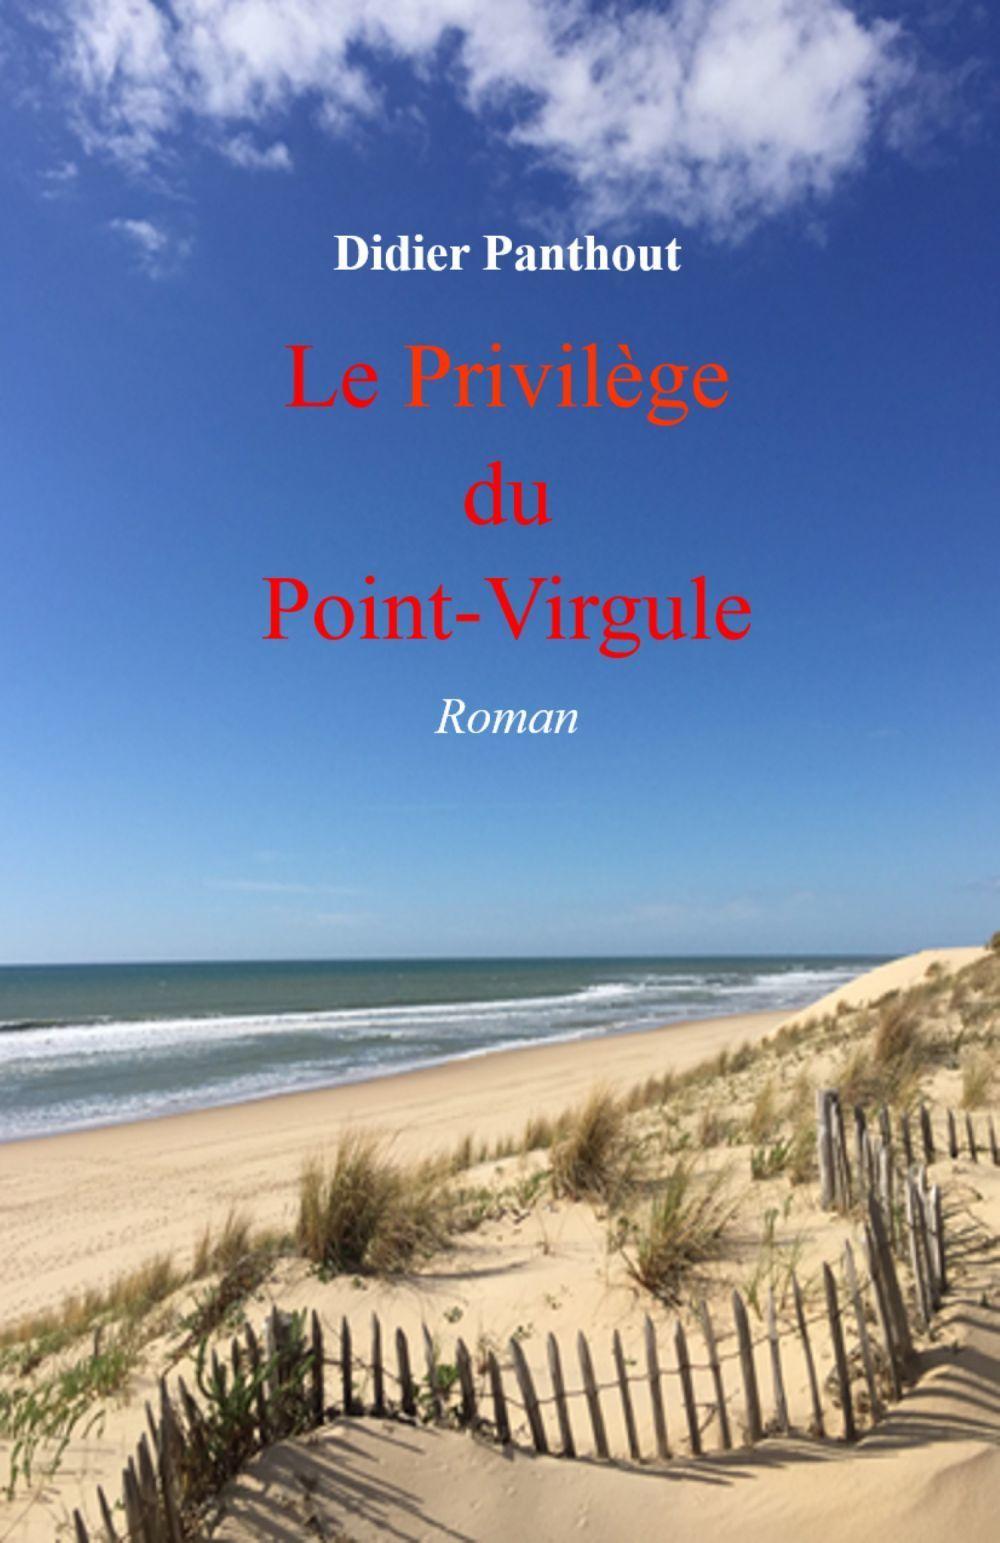 Le Privilège du Point-Virgule